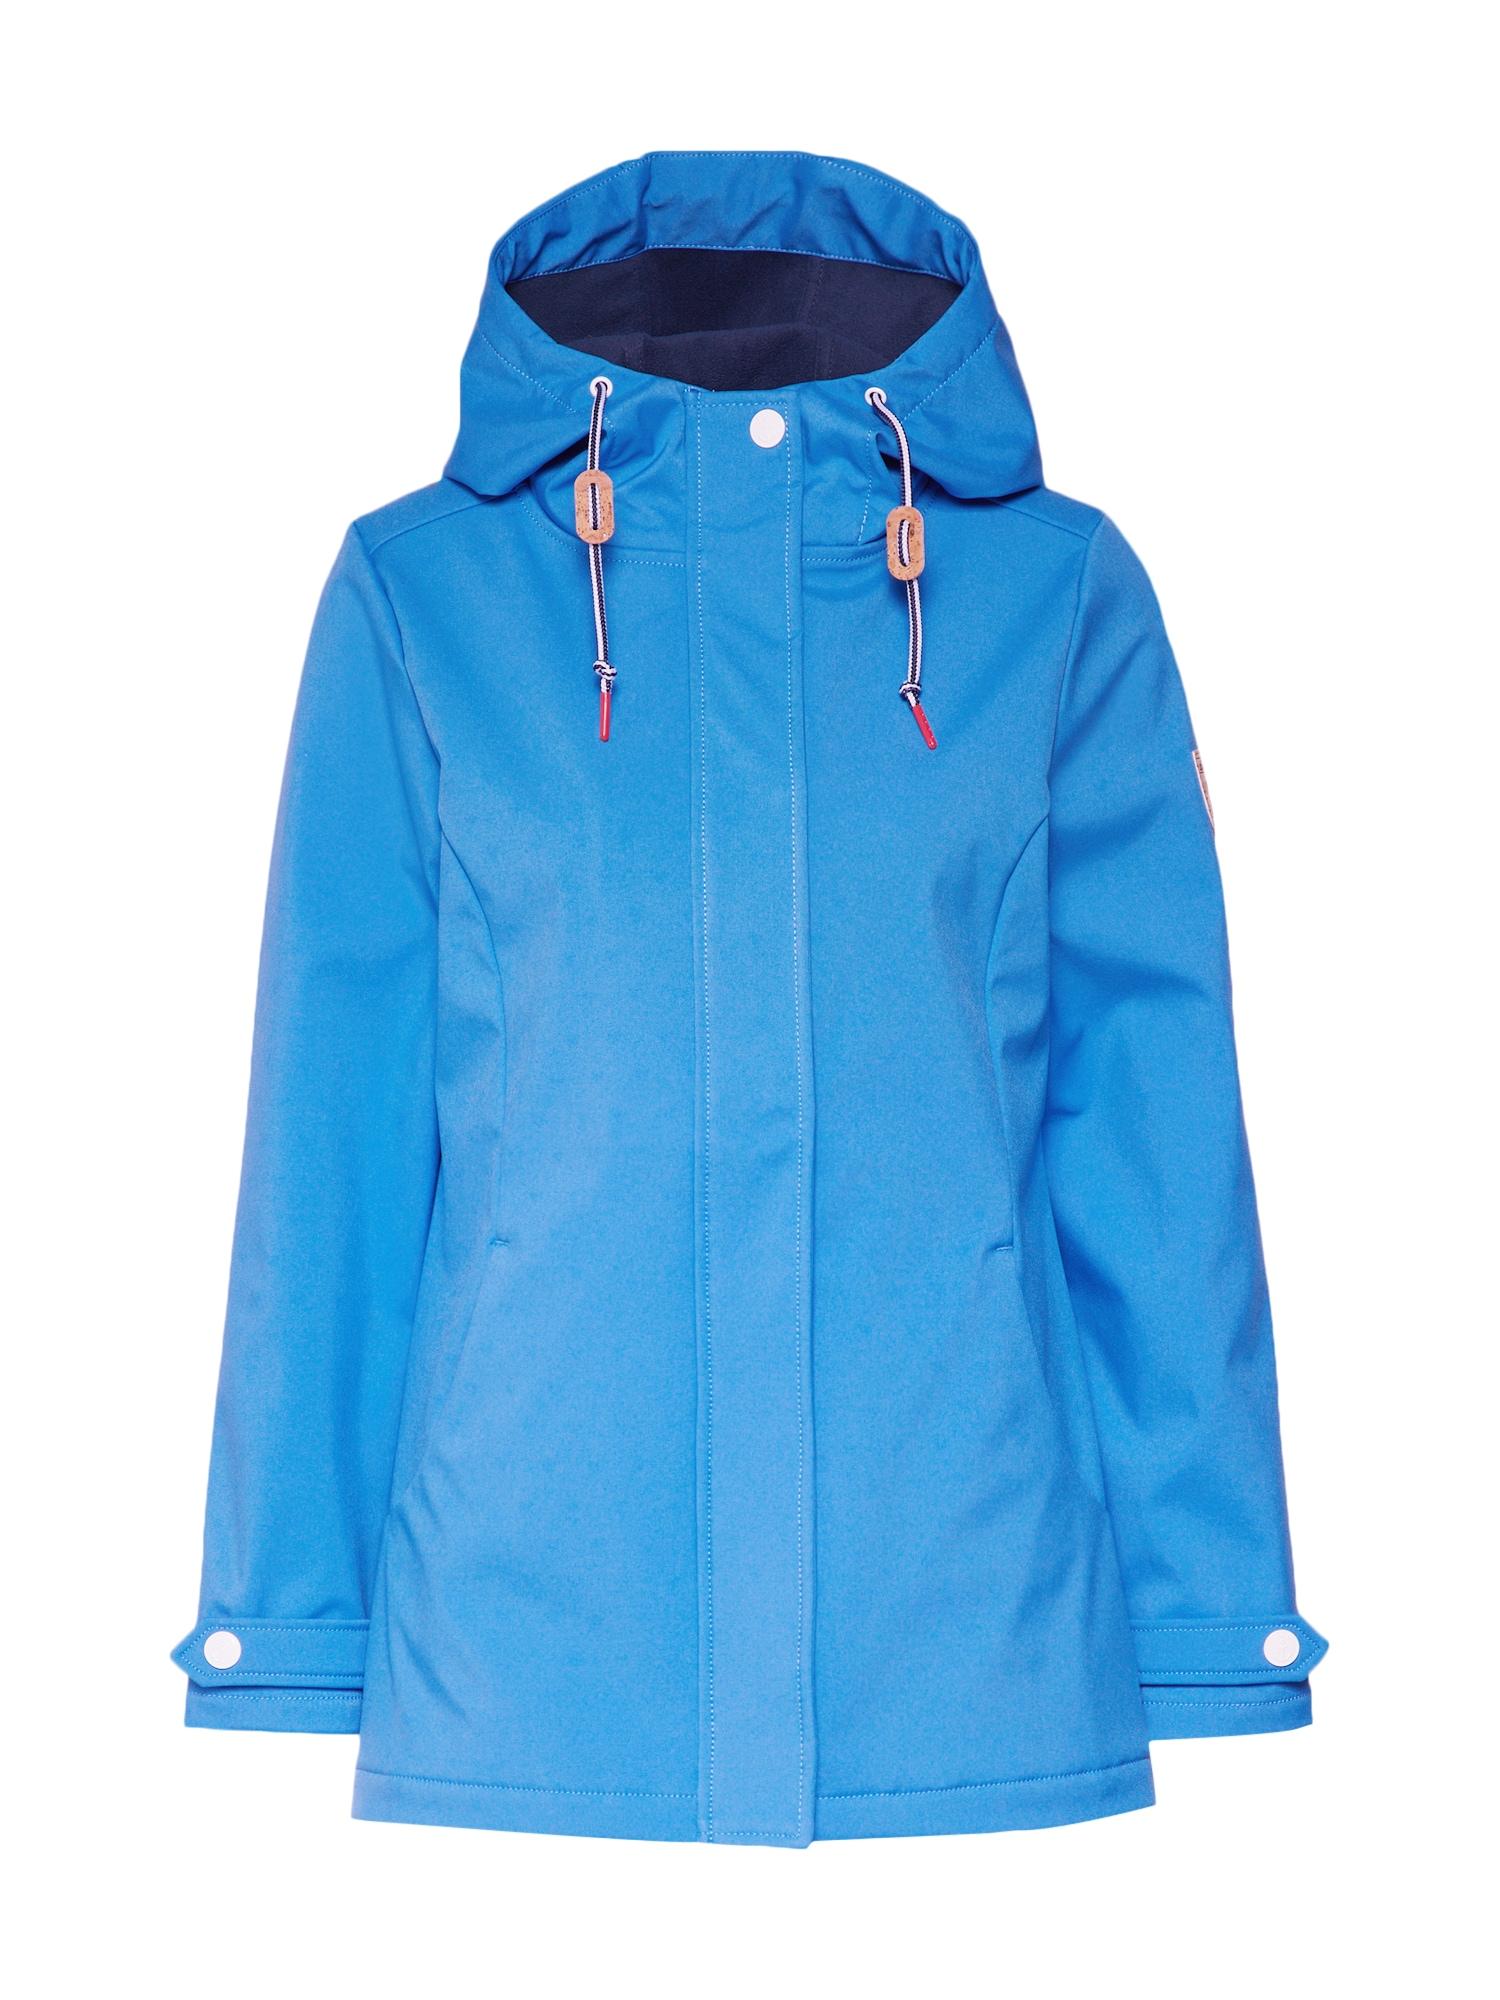 Přechodný kabát Mary HEART modrá Derbe